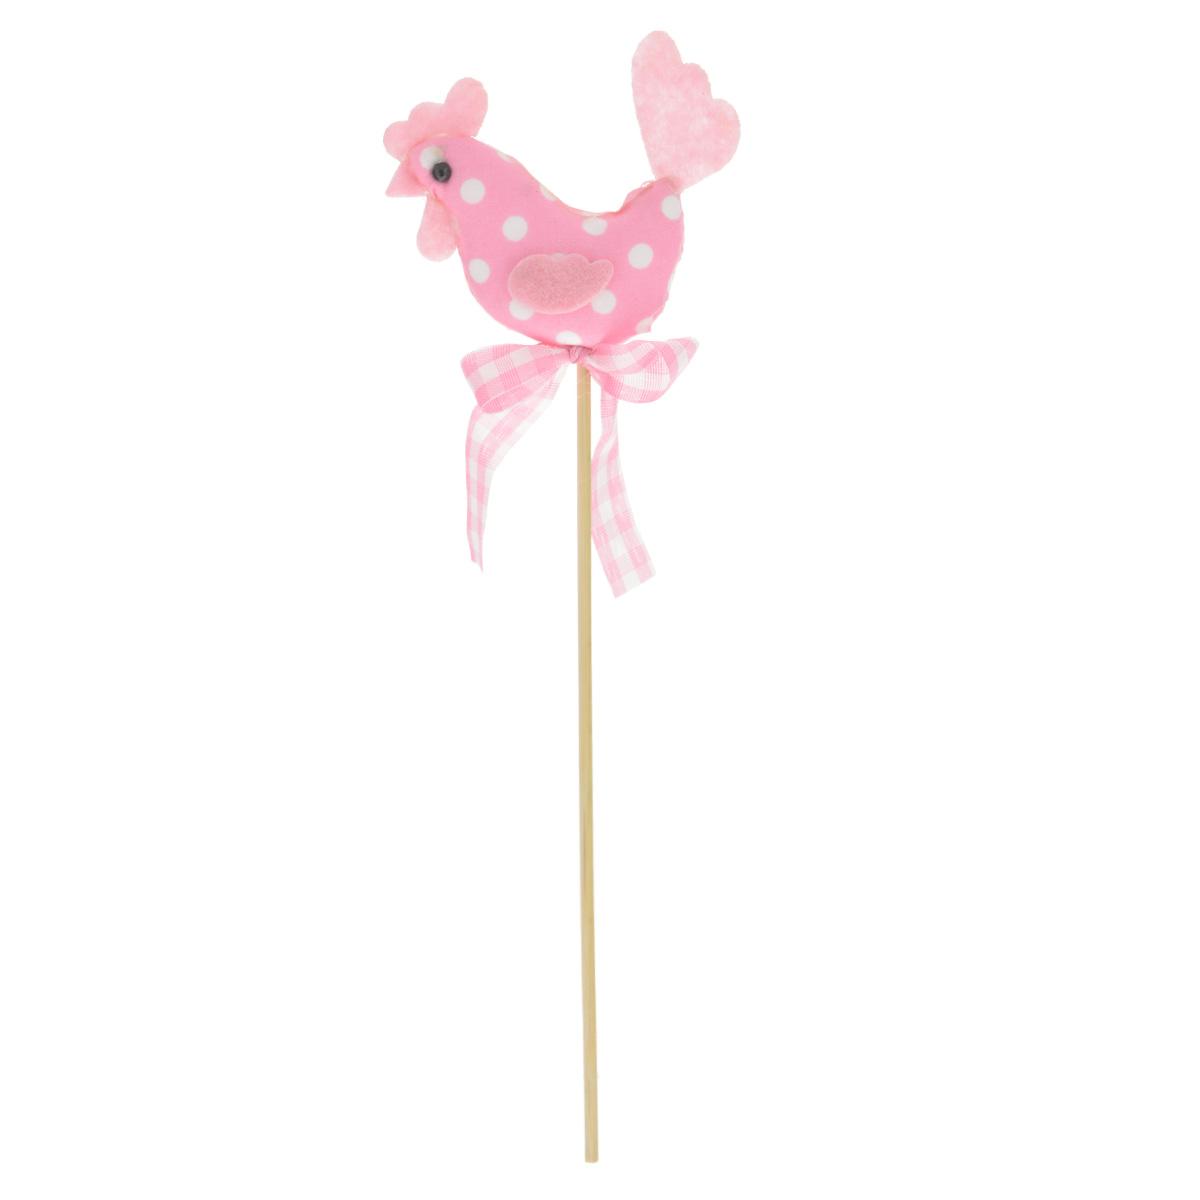 Декоративное пасхальное украшение на ножке Home Queen Петушок, цвет: розовый, высота 25 см64392_2Украшение пасхальное Home Queen Петушок изготовлено из высококачественного полиэстера и предназначено для украшения праздничного стола. Украшение выполнено в виде петушка на деревянной шпажке и украшено текстильным бантом. Такое украшение прекрасно дополнит подарок для друзей и близких на Пасху. Высота: 25 см. Размер фигурки: 7,5 см х 1,5 см х 5,5 см.